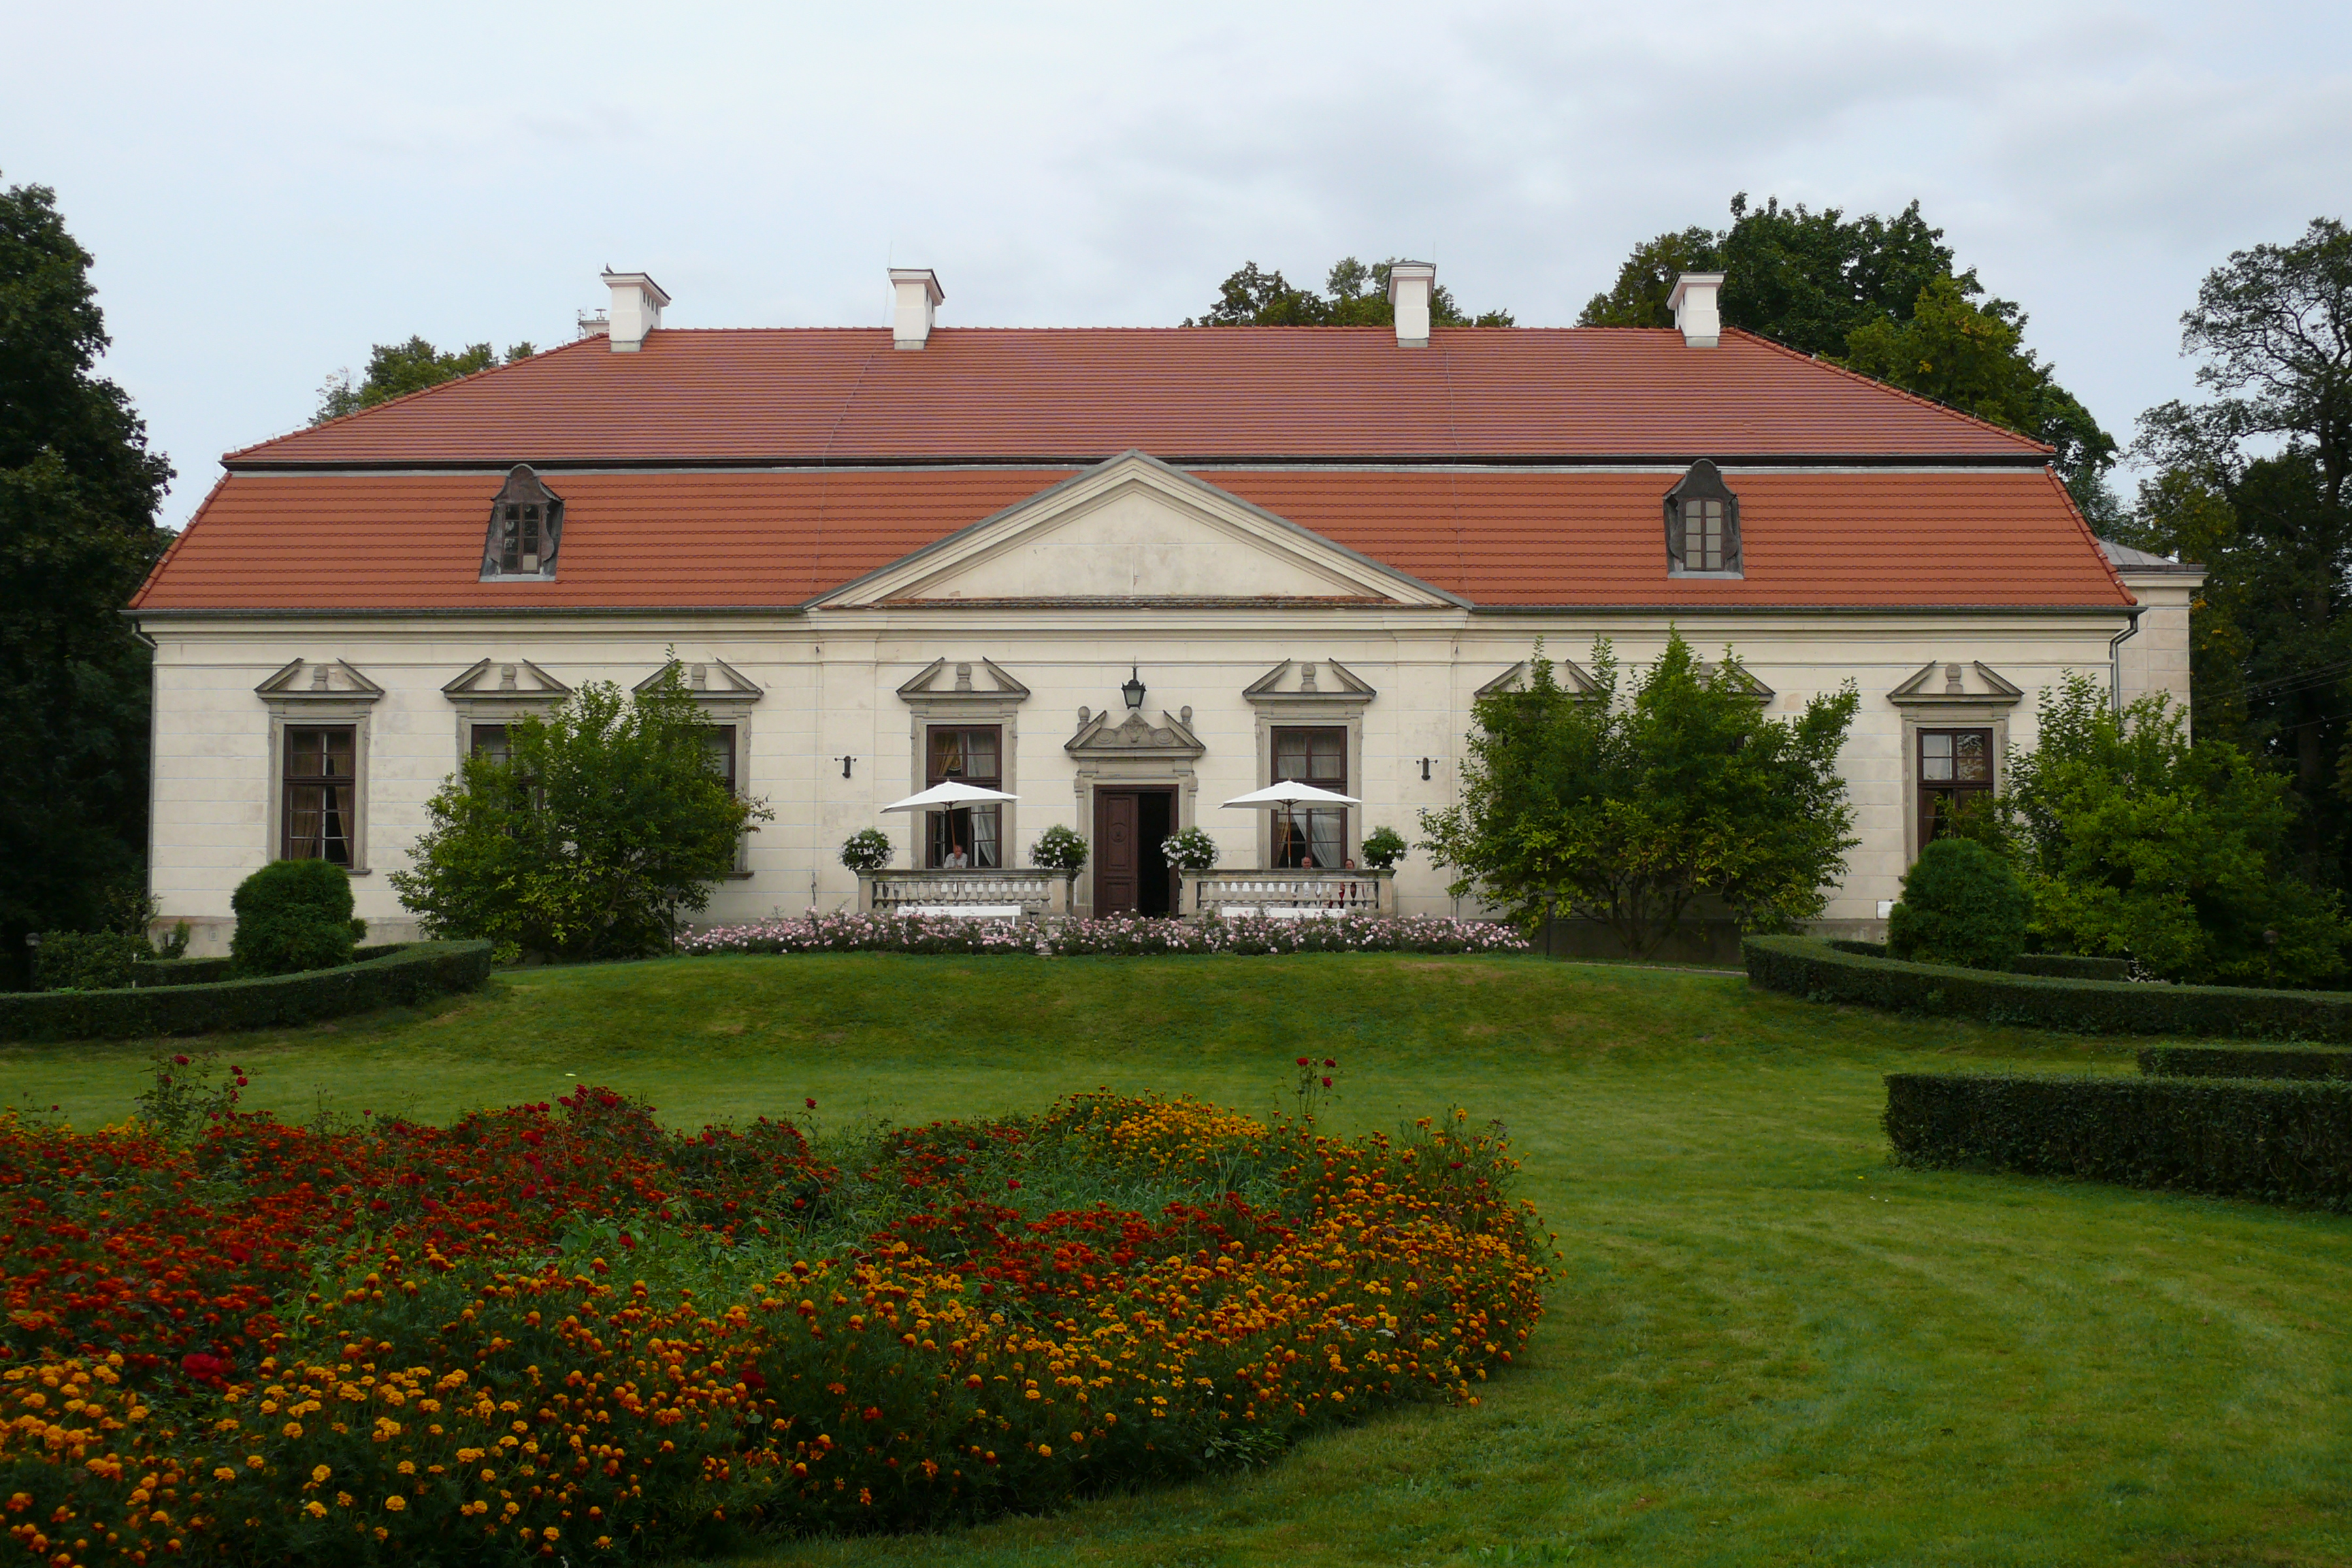 Elewacja pałacu w oborach od strony zachodniej. Fot. Jarosław Manicki, źródło, CC BY-SA 3.0 pl